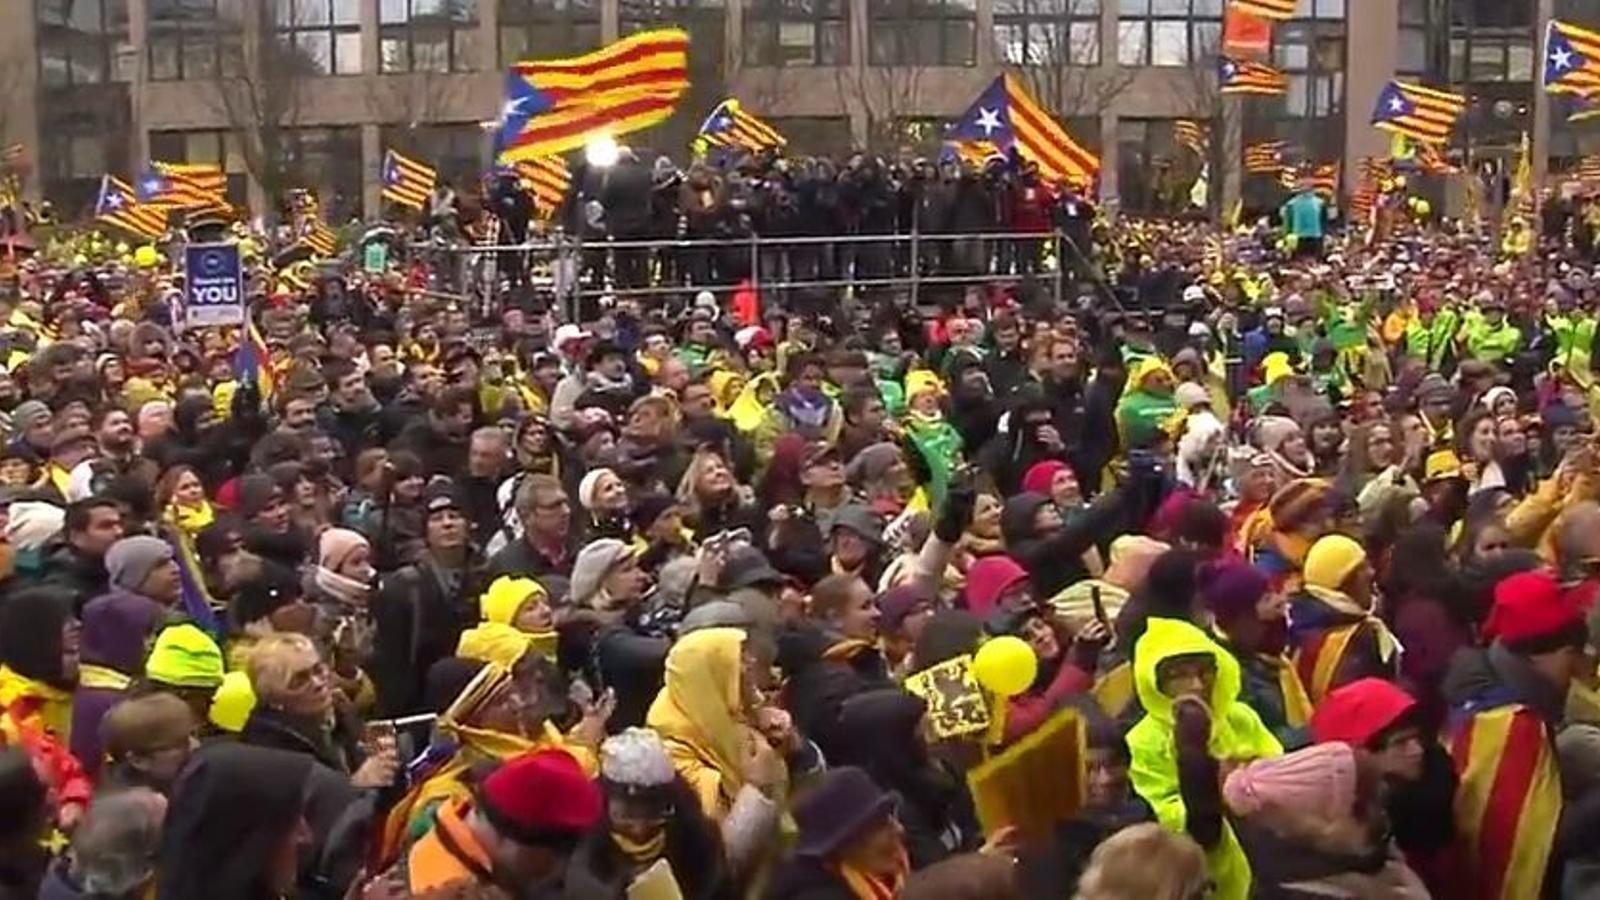 Els manifestants a la place Jean Rey de Brussel·les